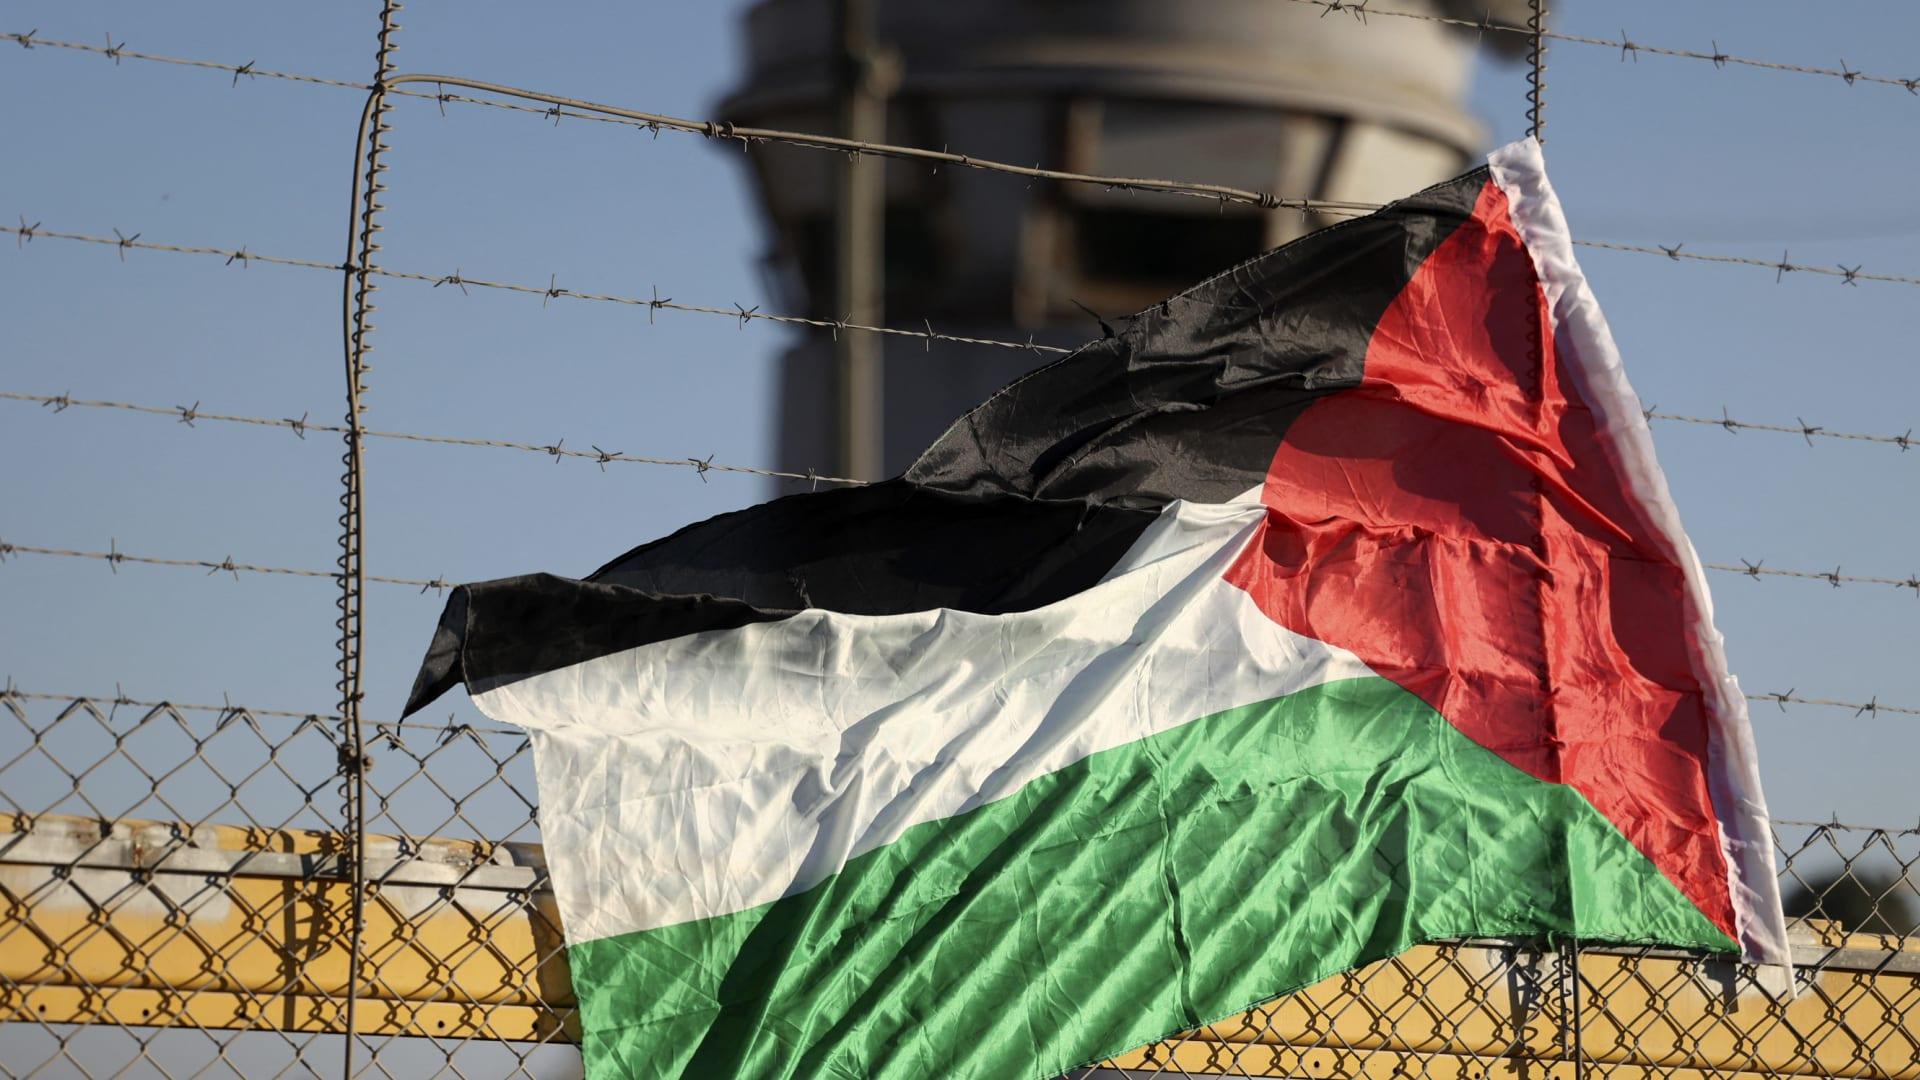 المجلس الوطني الفلسطيني يحمل العدو المسؤولية عن حياة الأسرى